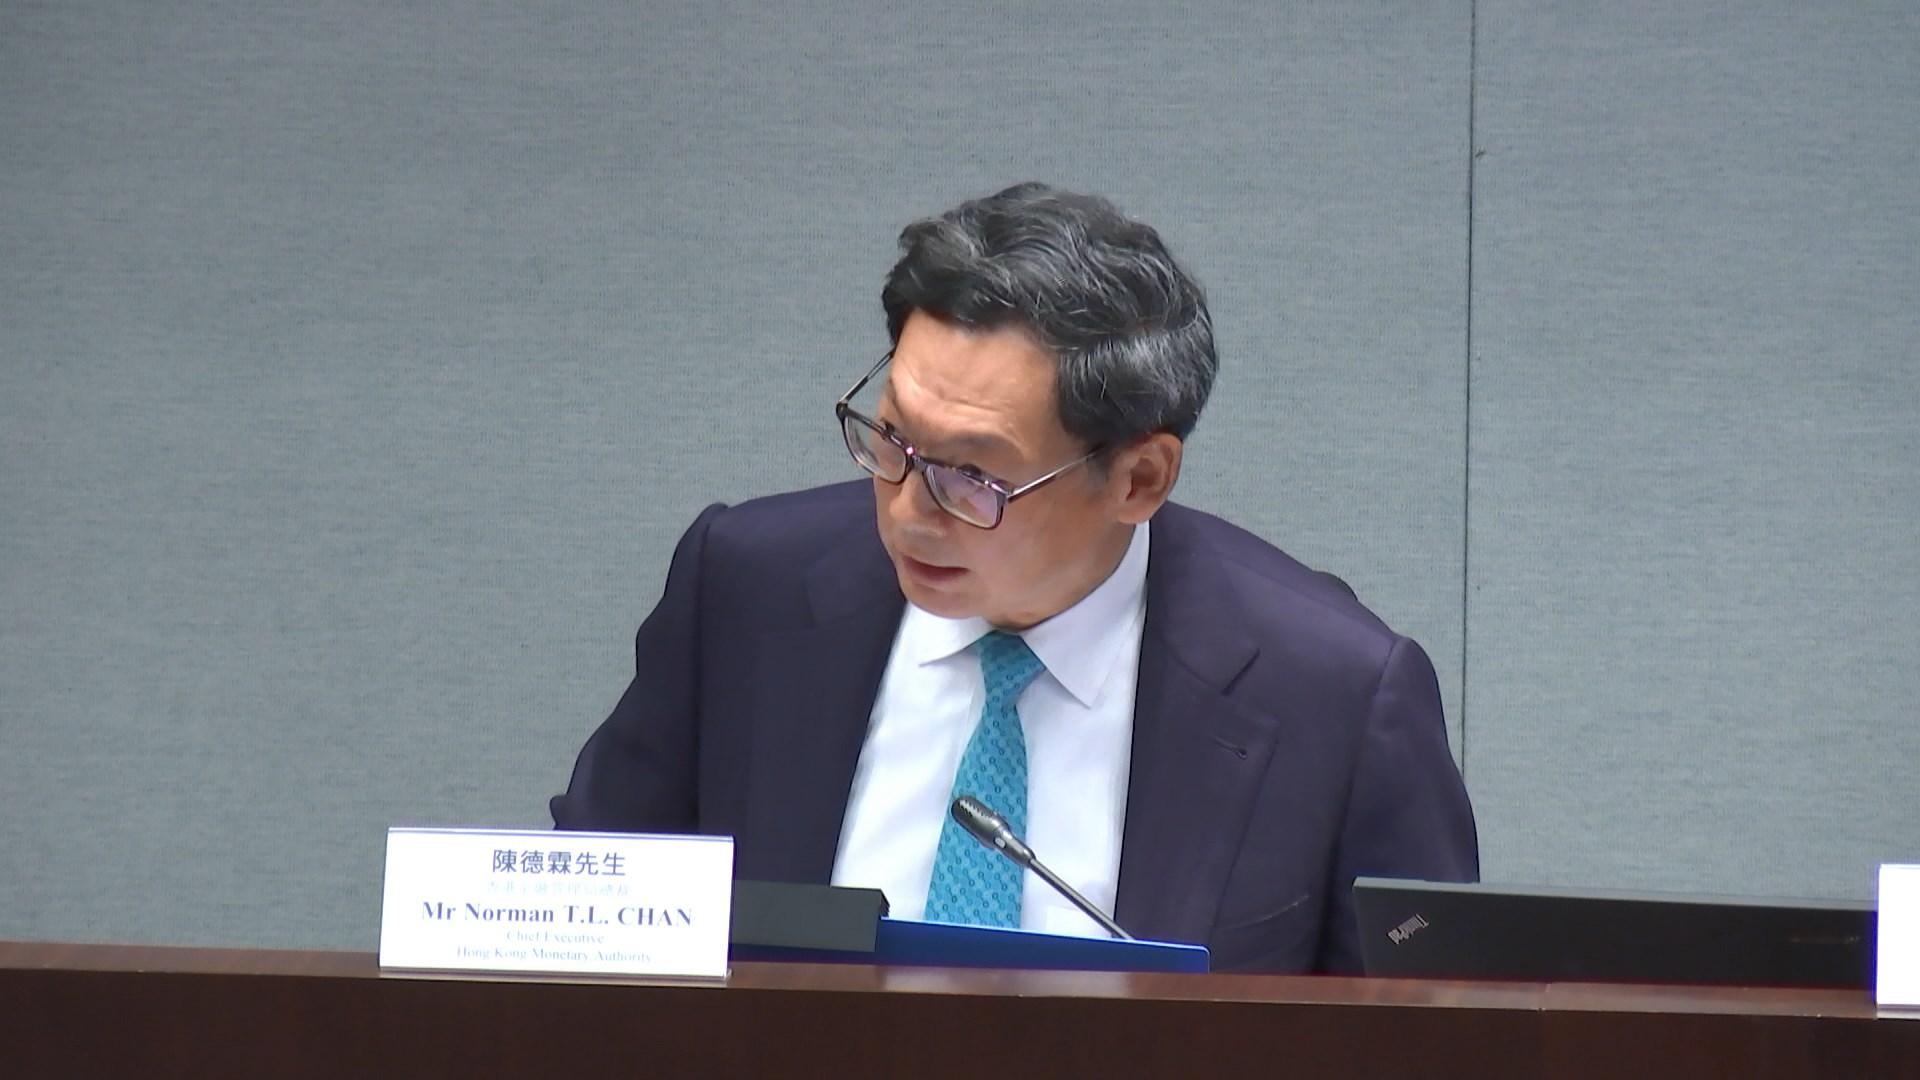 陳德霖:樓市已現調整料本港息口會緩慢上升